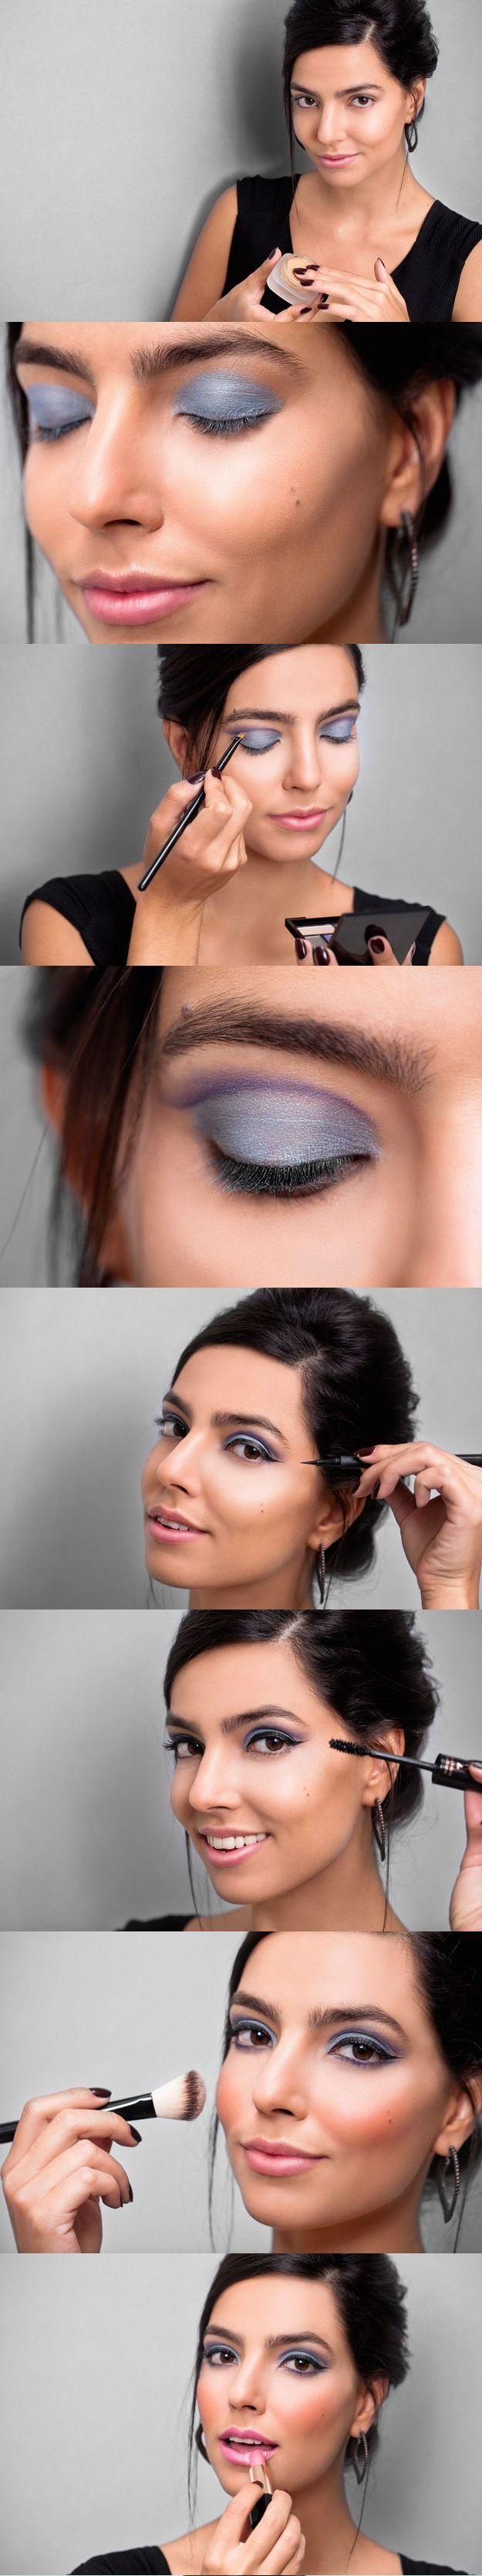 A maquiagem queridinha da década de 1960 se renova para a primavera. Atualize o traço gatinho usando sombras azul e roxa e modernize o look